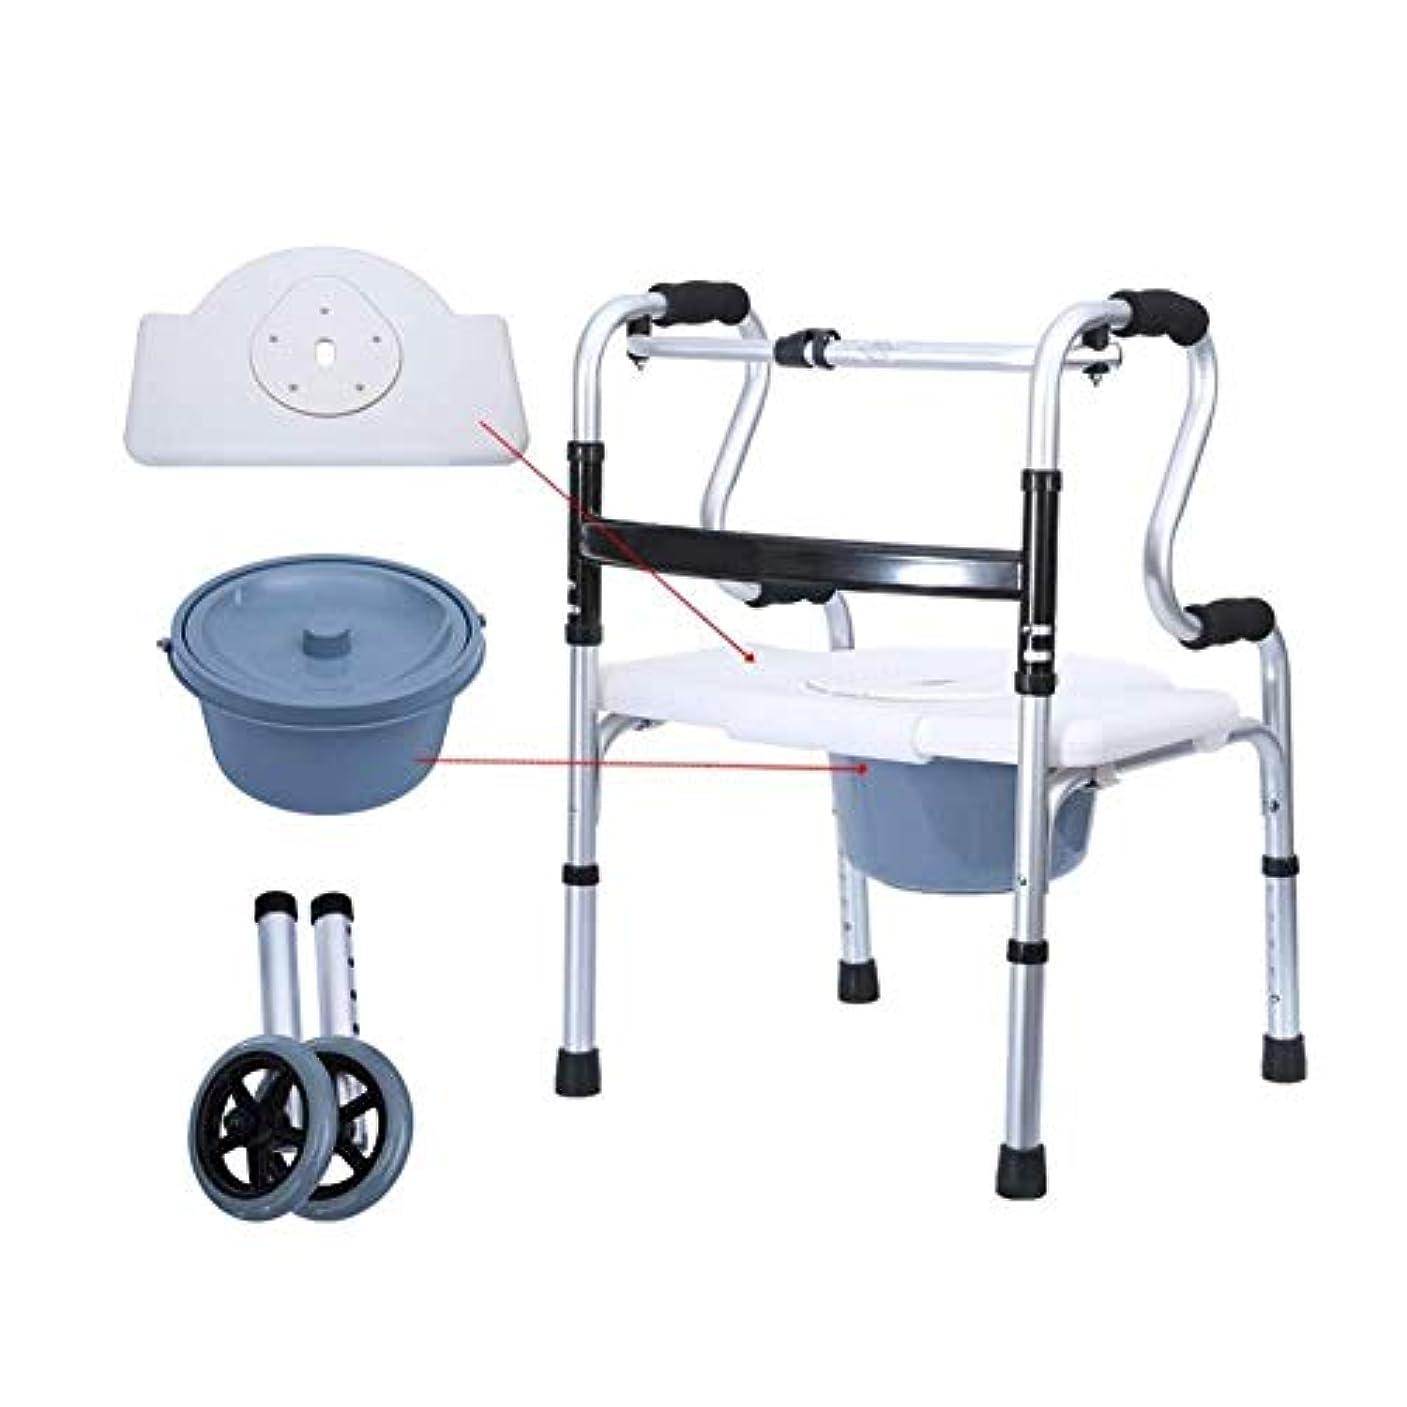 依存の野望折りたたみ式軽量アルミニウム合金歩行障害者老人用松葉杖歩行補助椅子